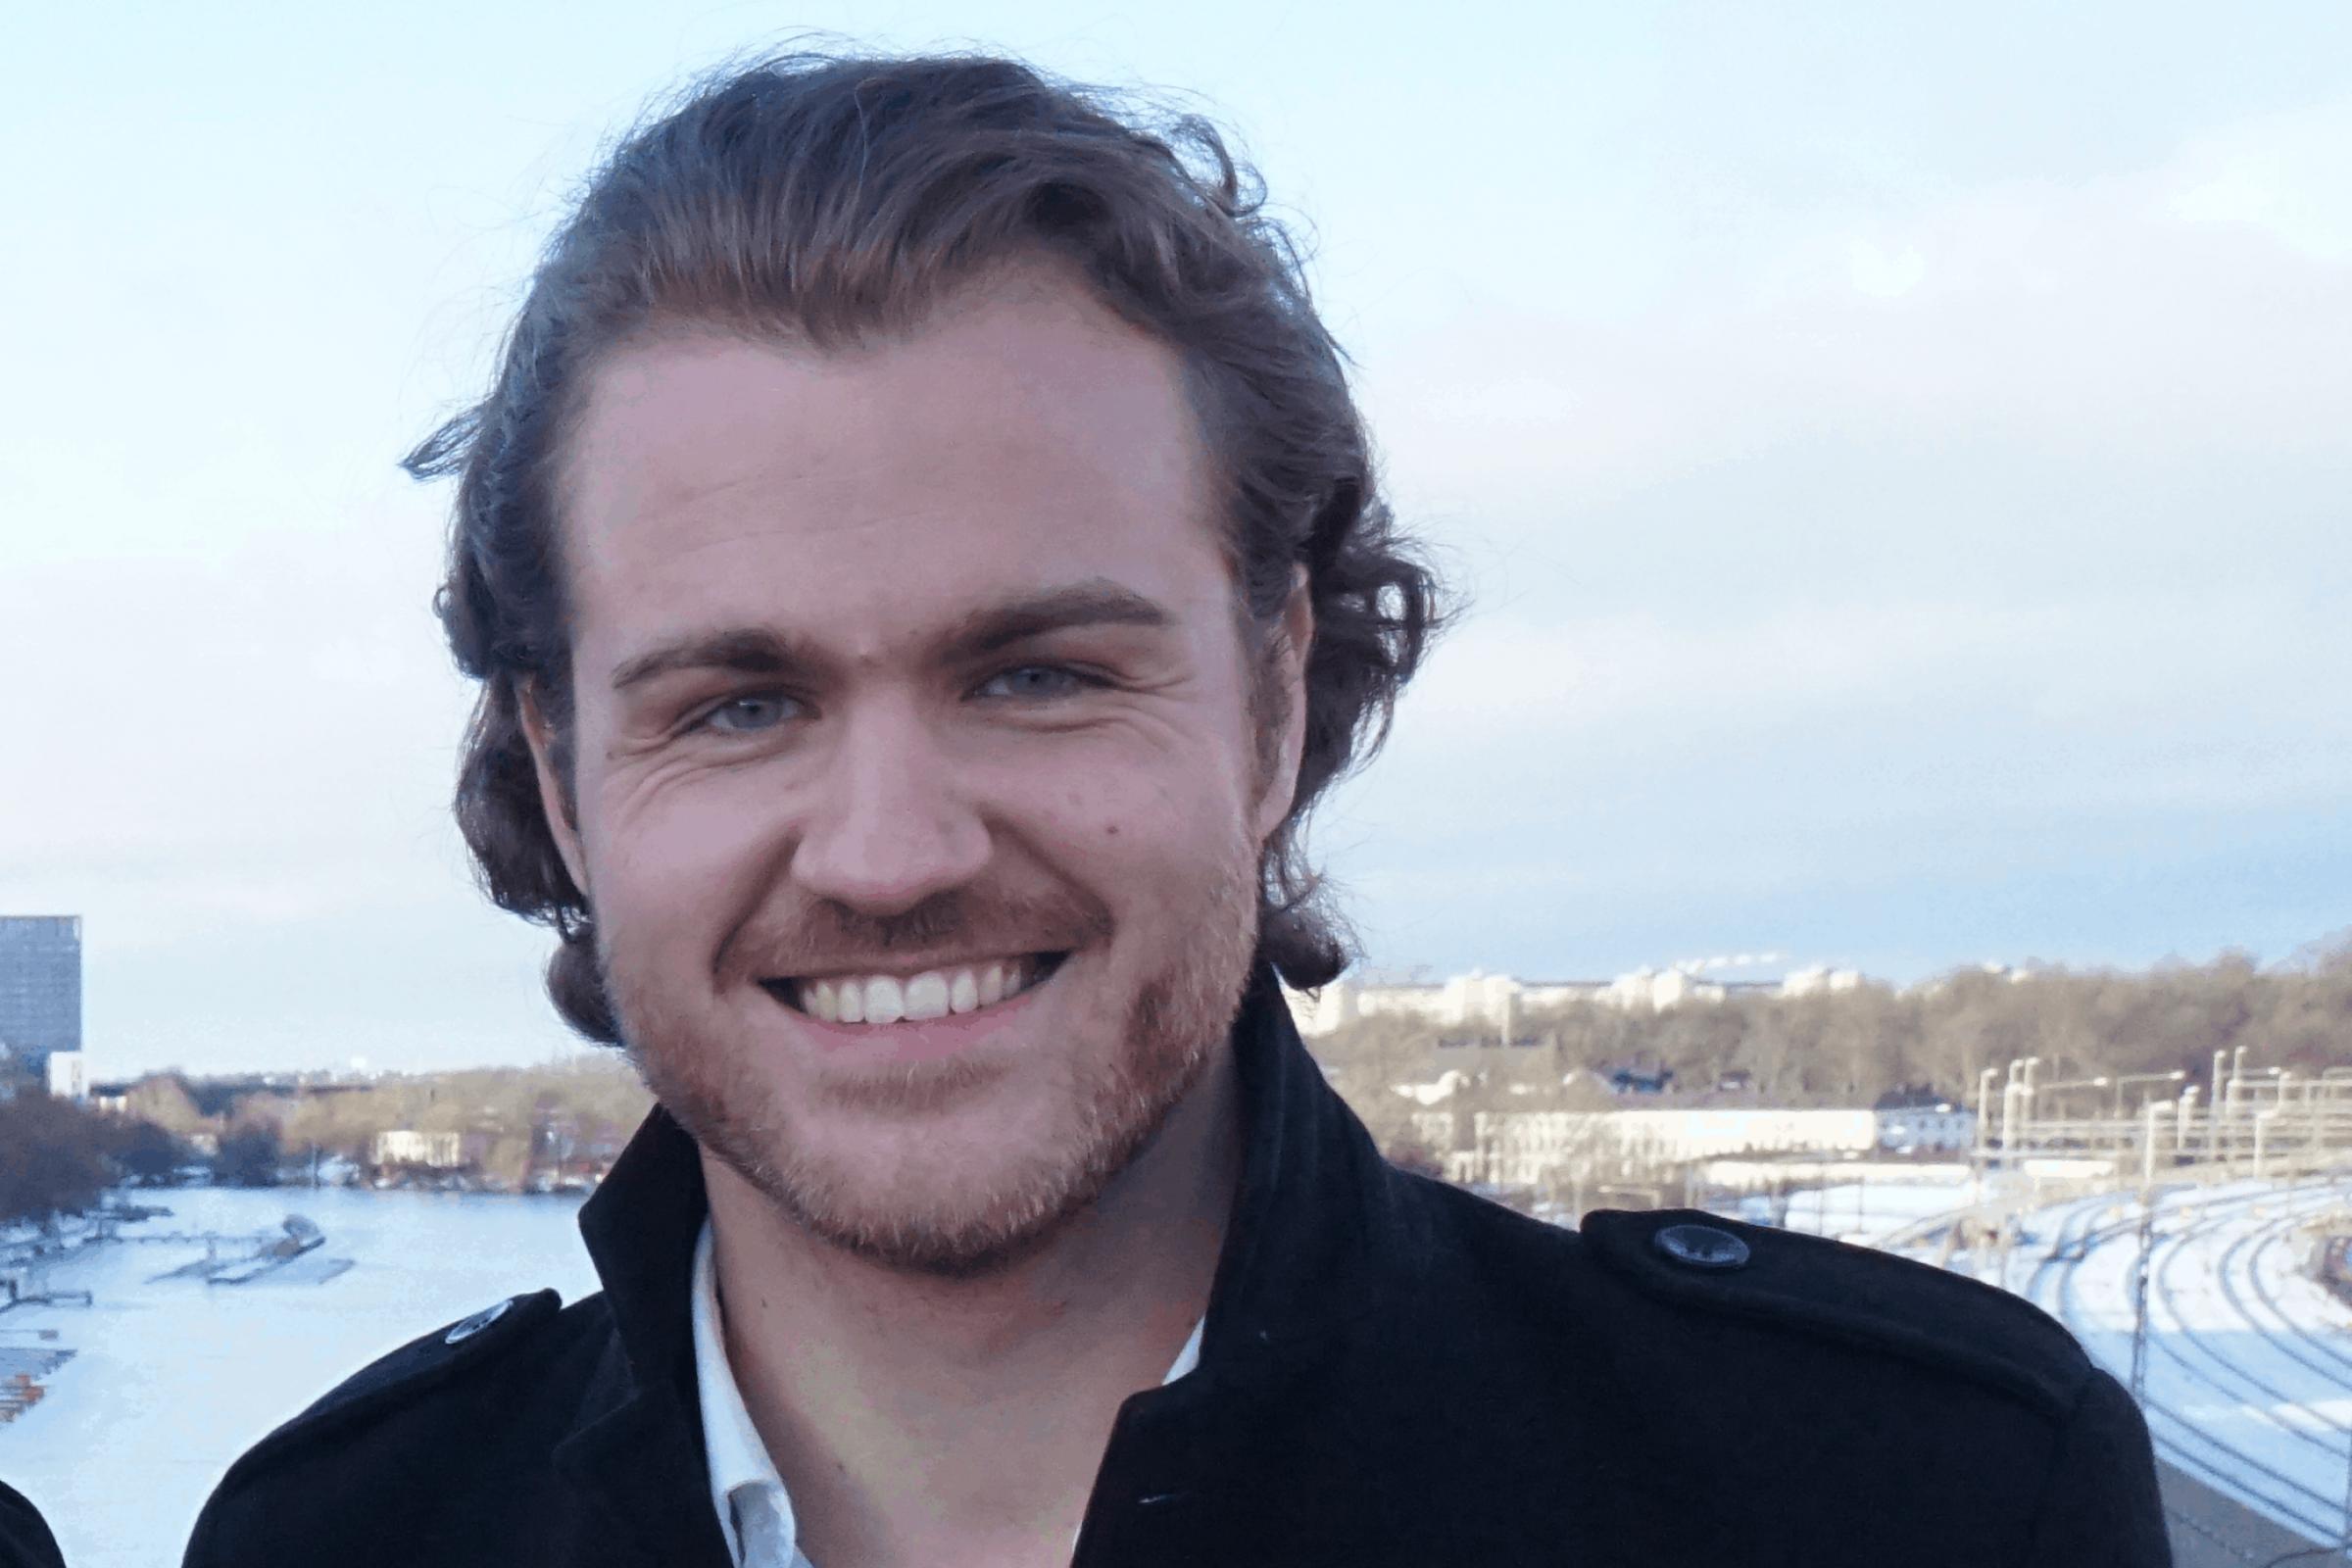 Onboarding neuer Mitarbeiter: 7 clevere Maßnahmen, die wirken